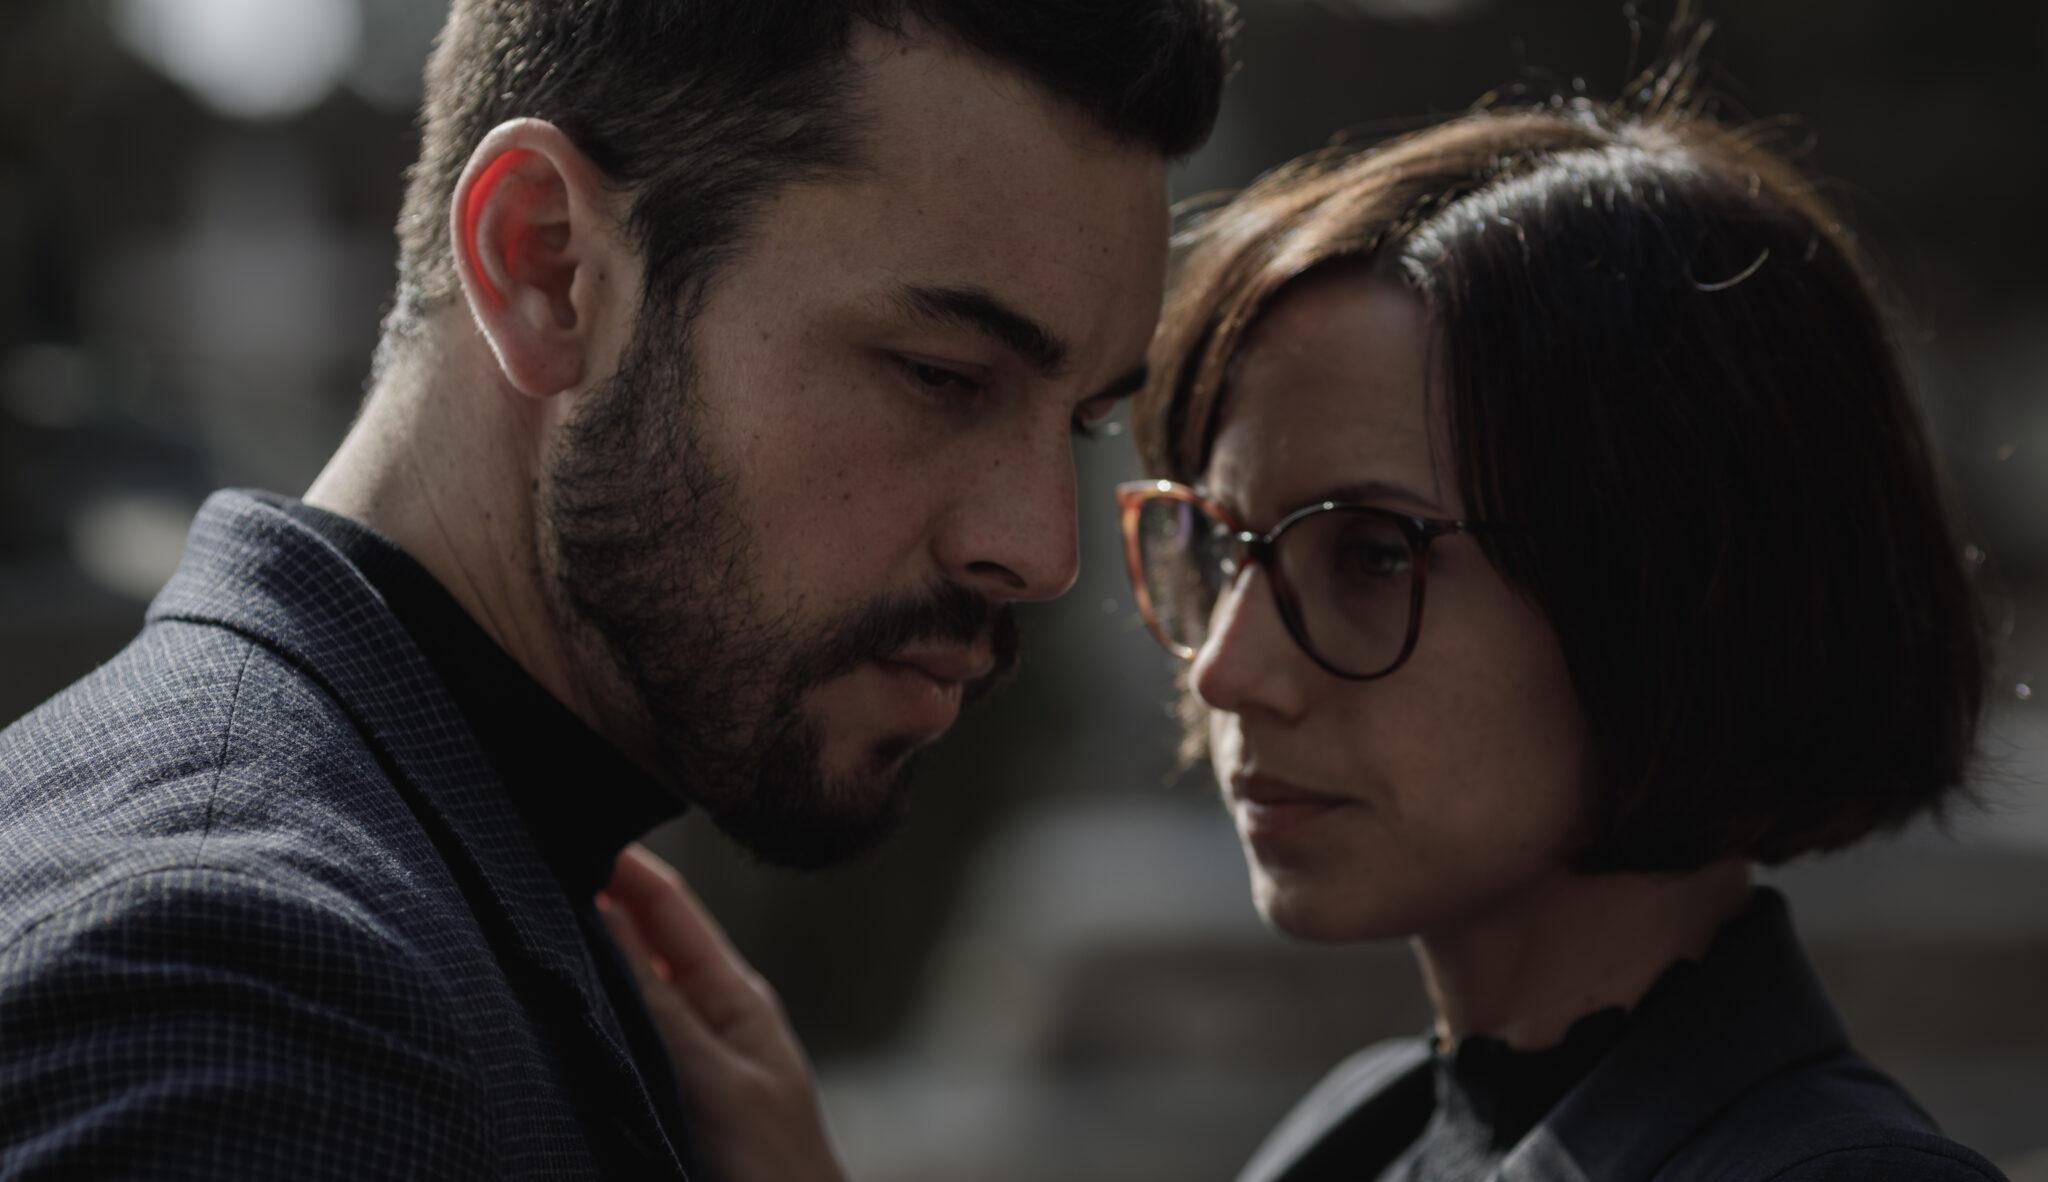 Innocent sur Netflix : une saison 2 est-elle possible ?